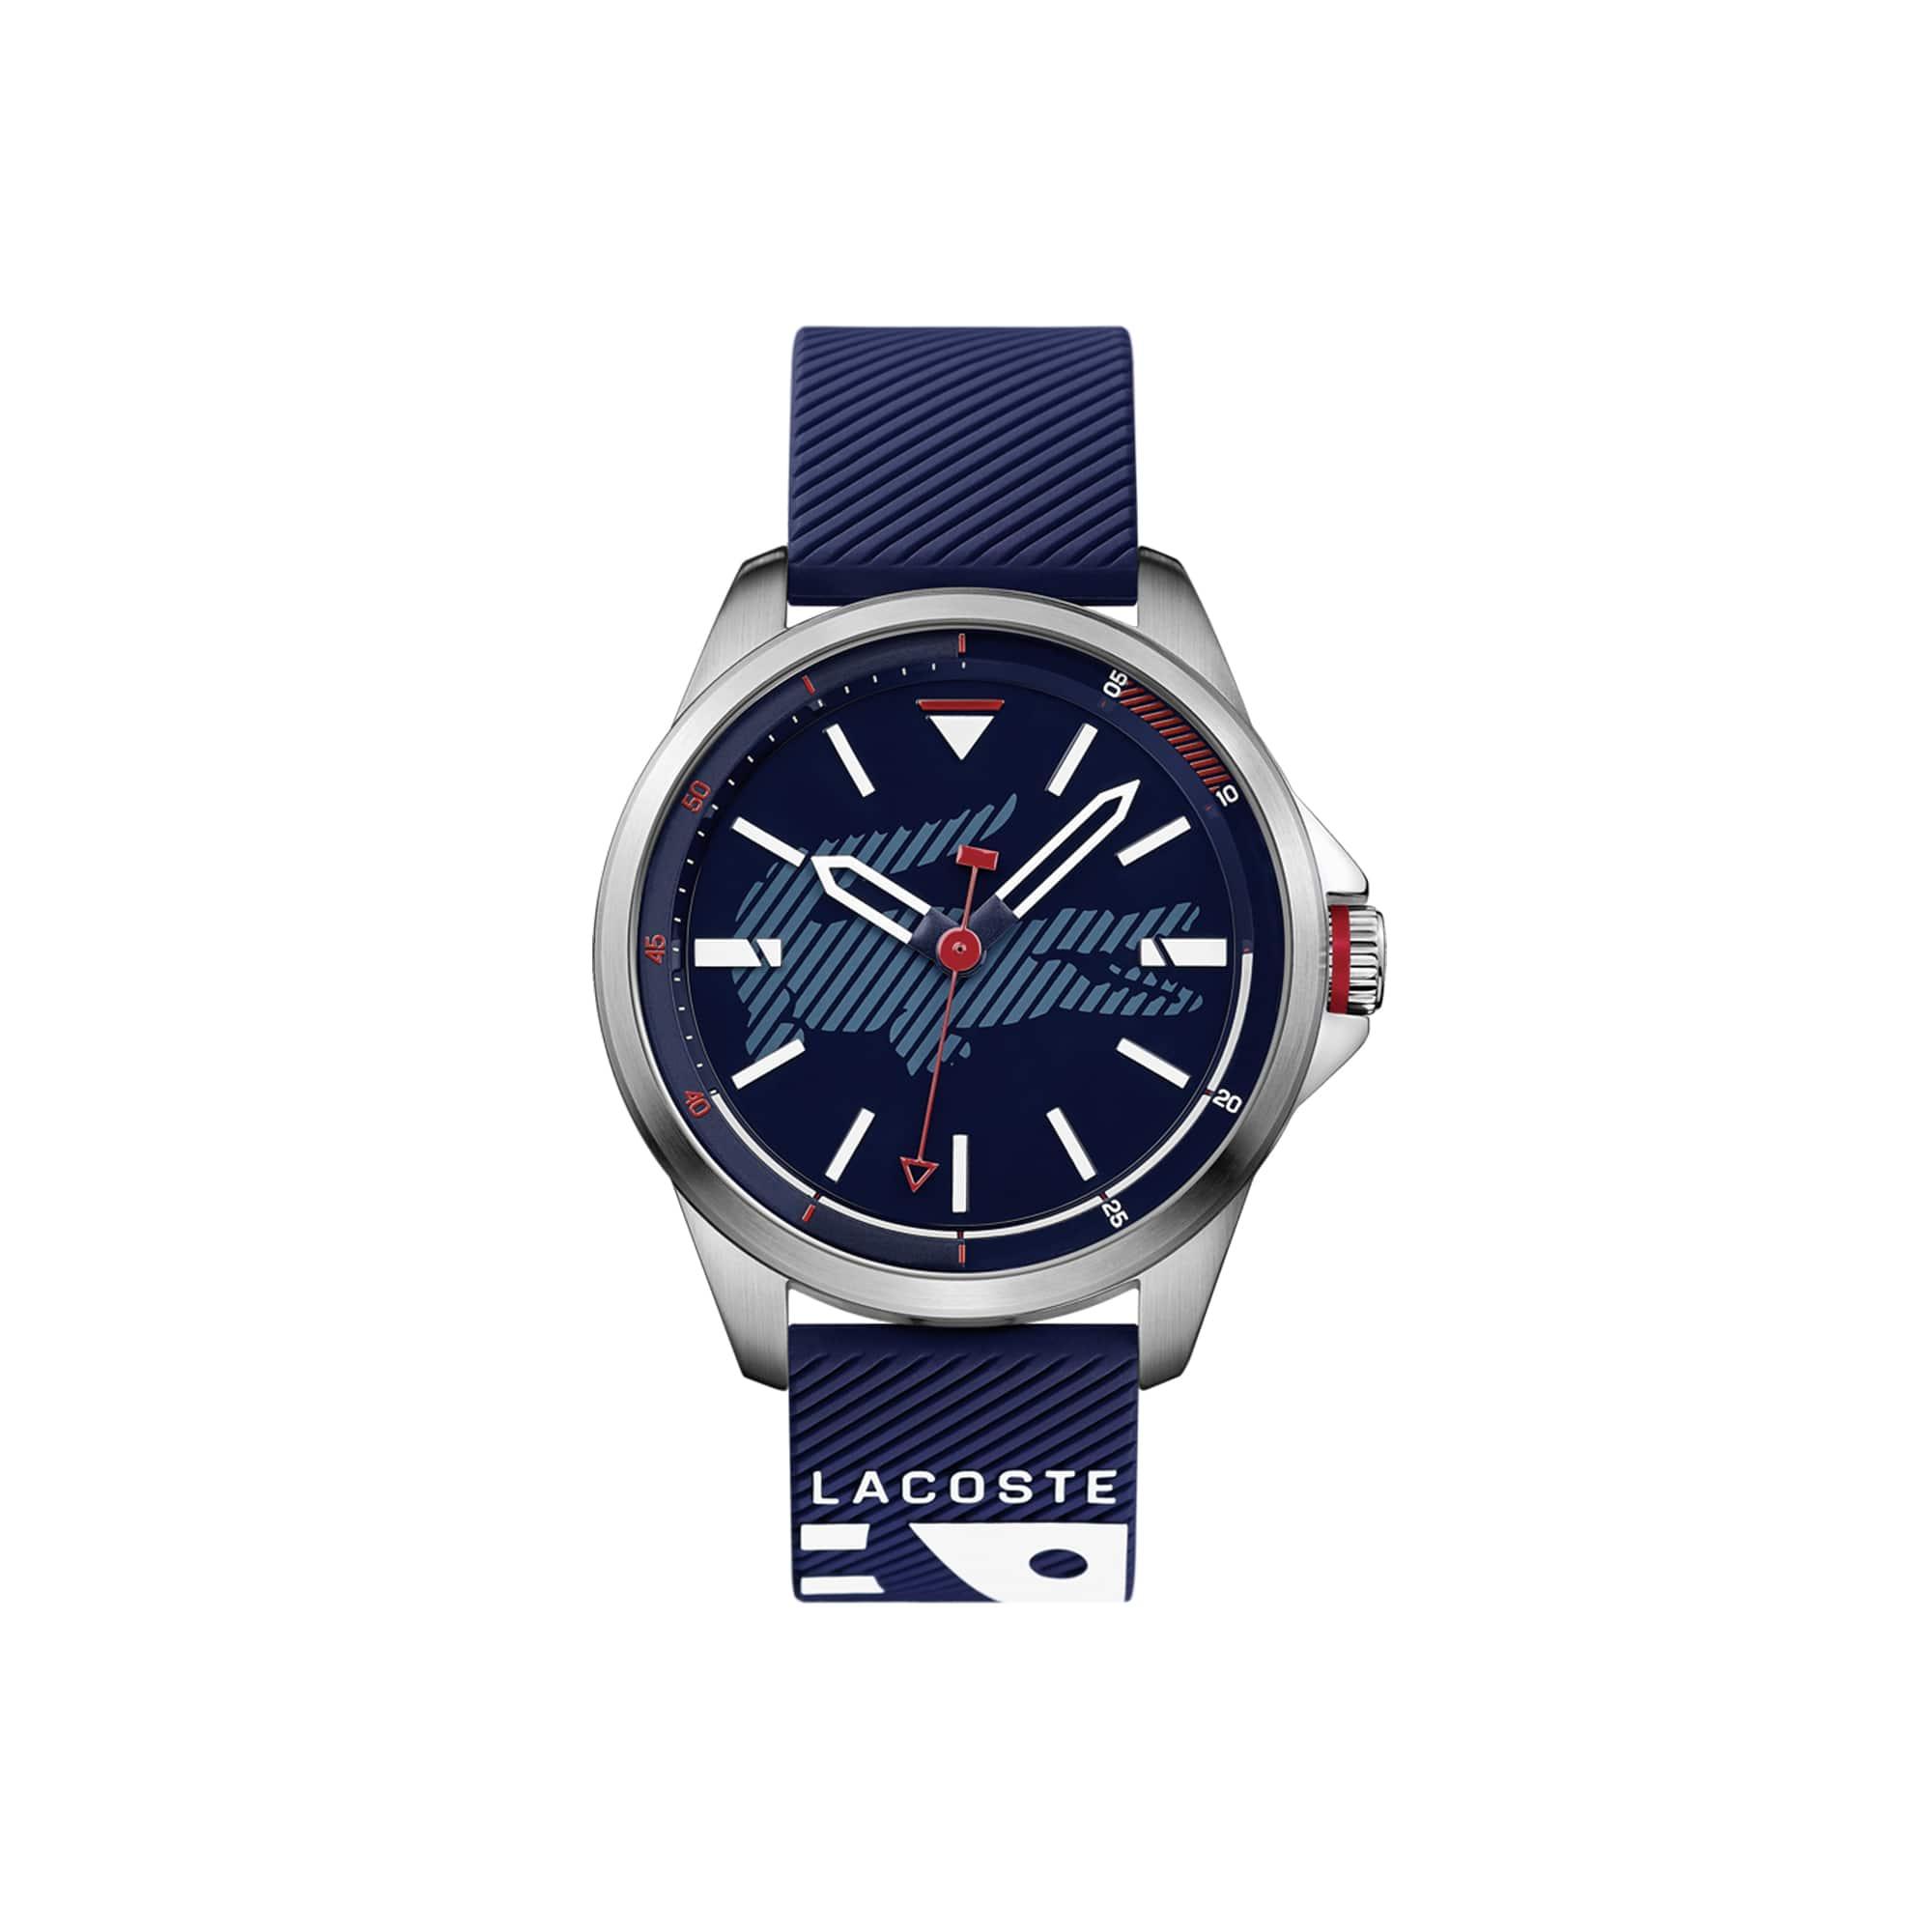 Relógio Capbreton com bracelete em silicone azul